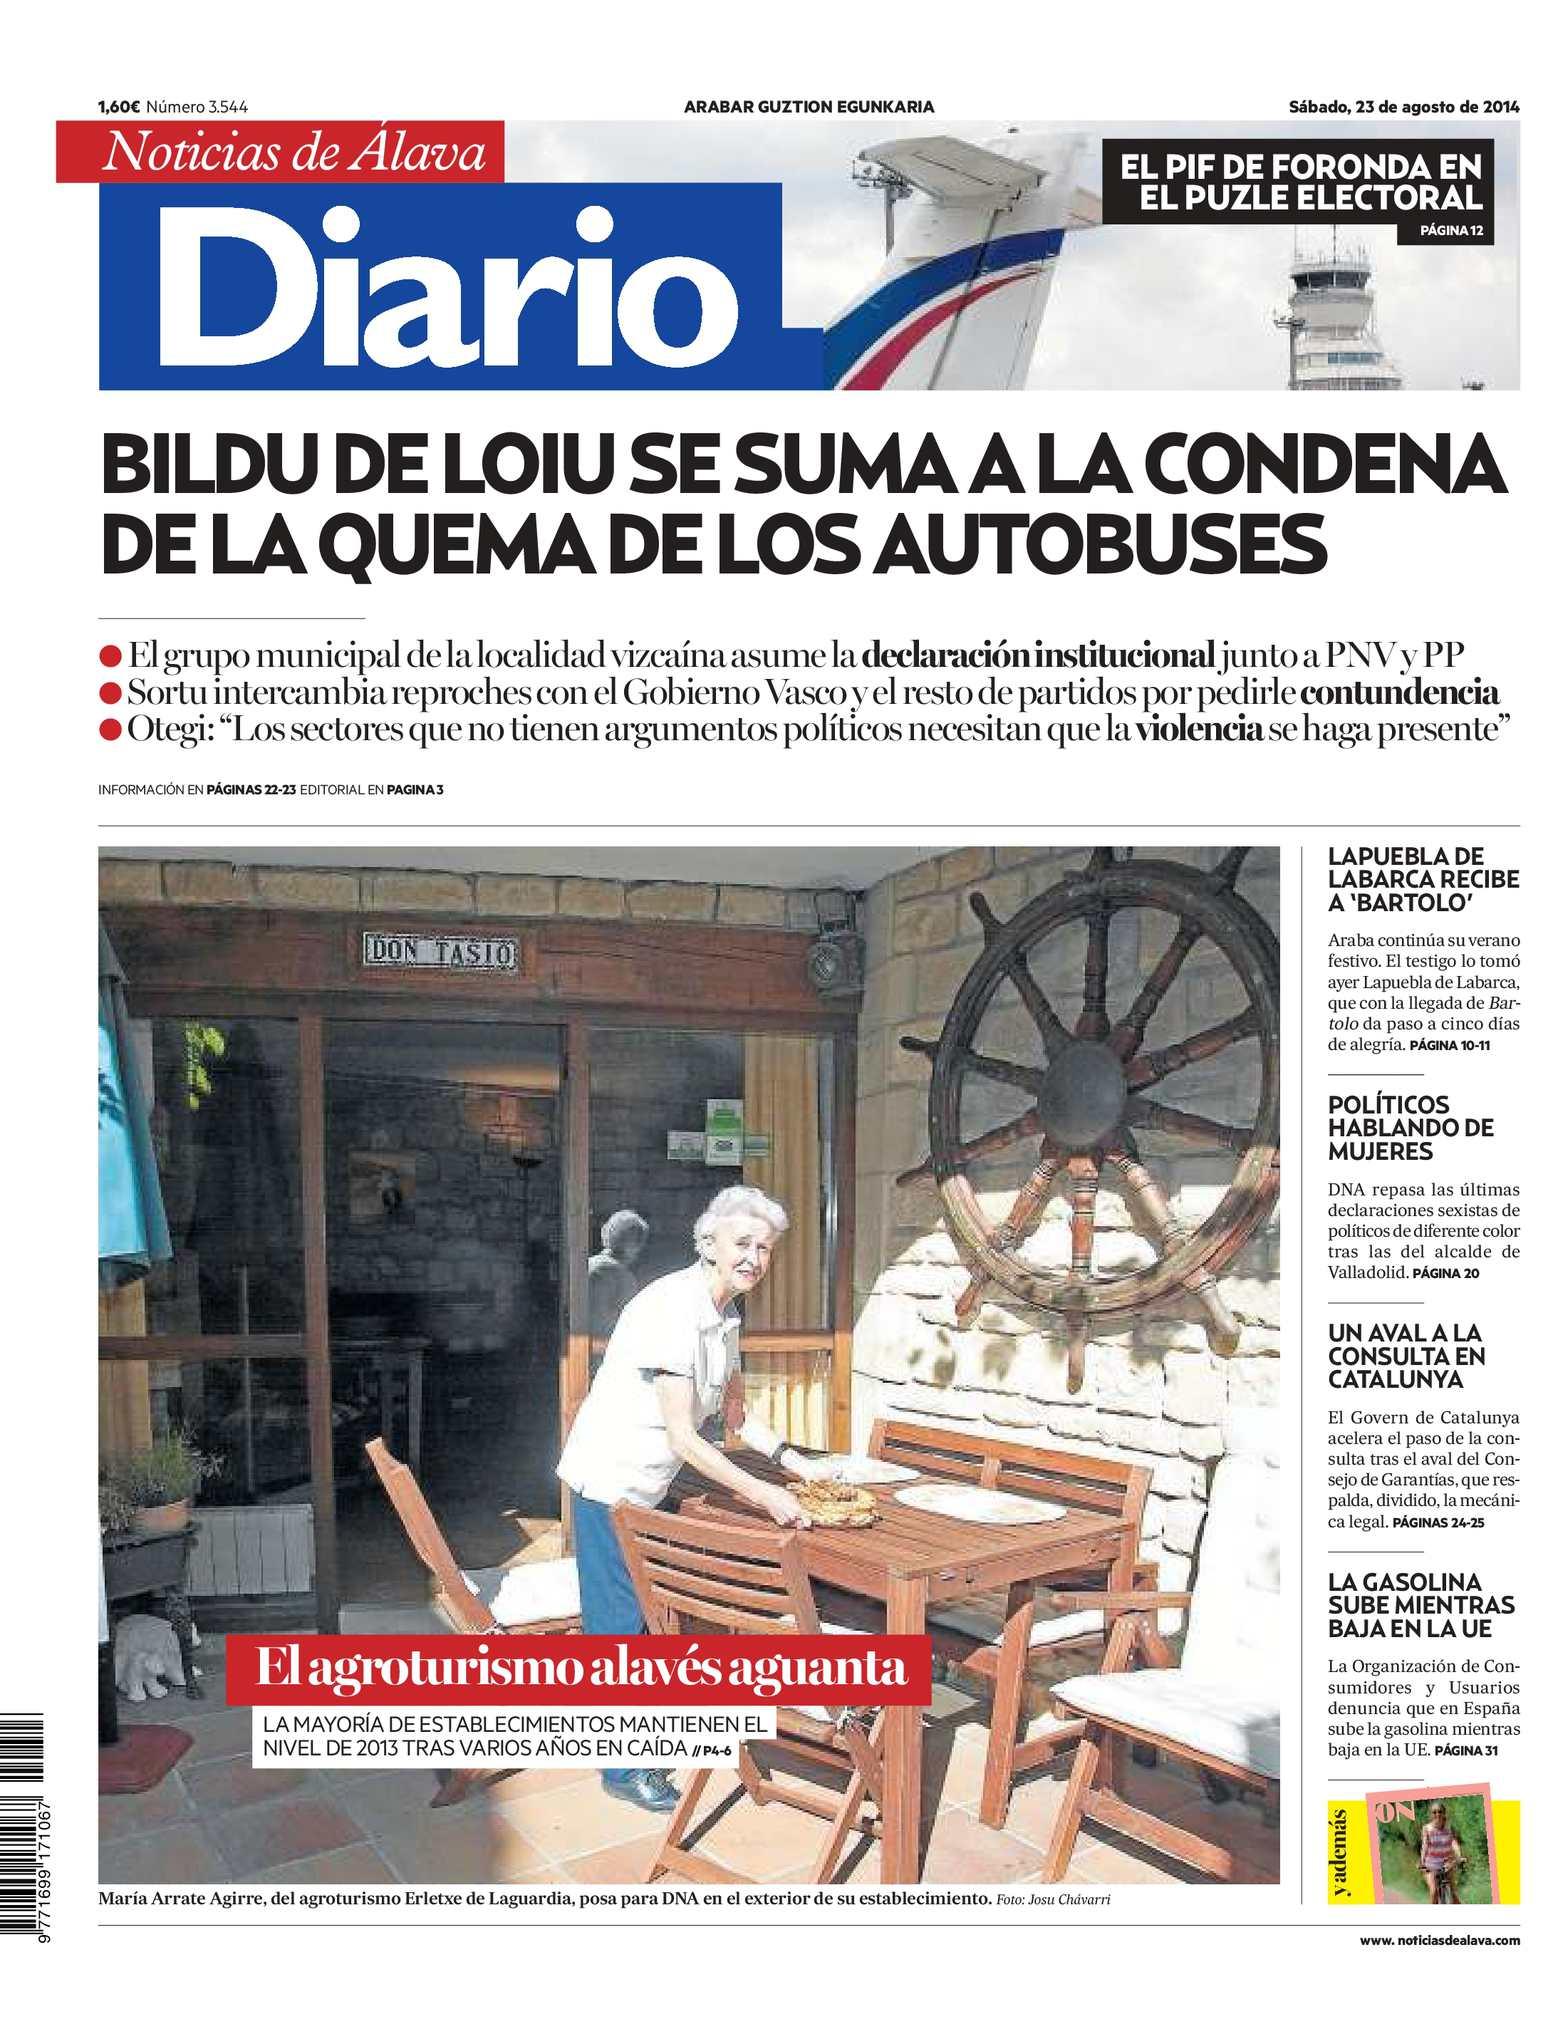 Calaméo - Diario de Noticias de Álava 20140823